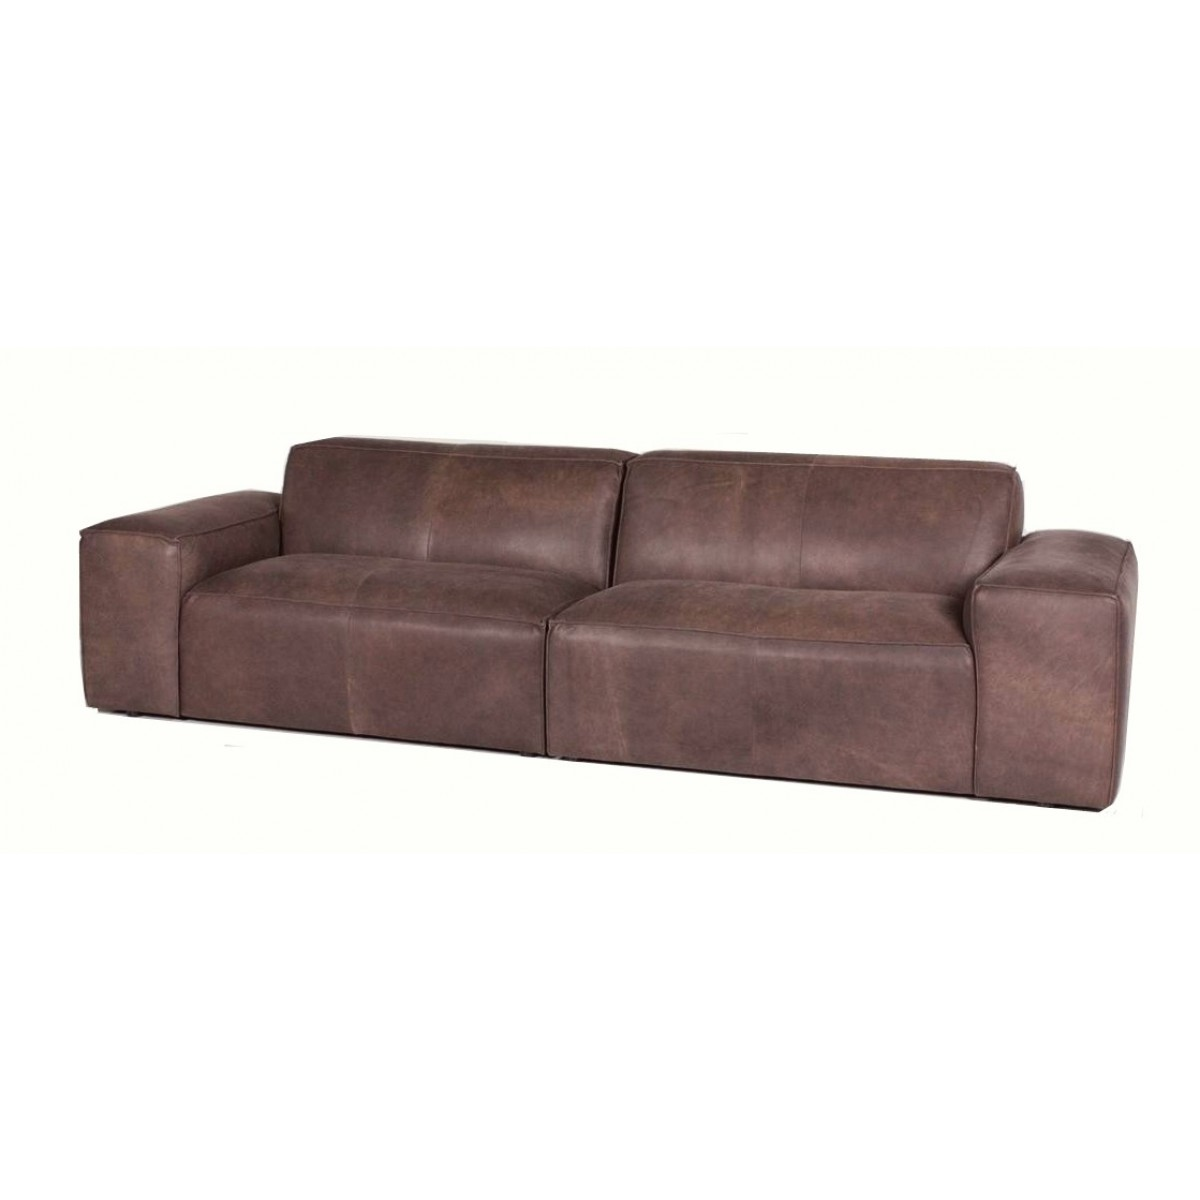 lungo-bank-sofa-leder-old-shatterhand-red-brown